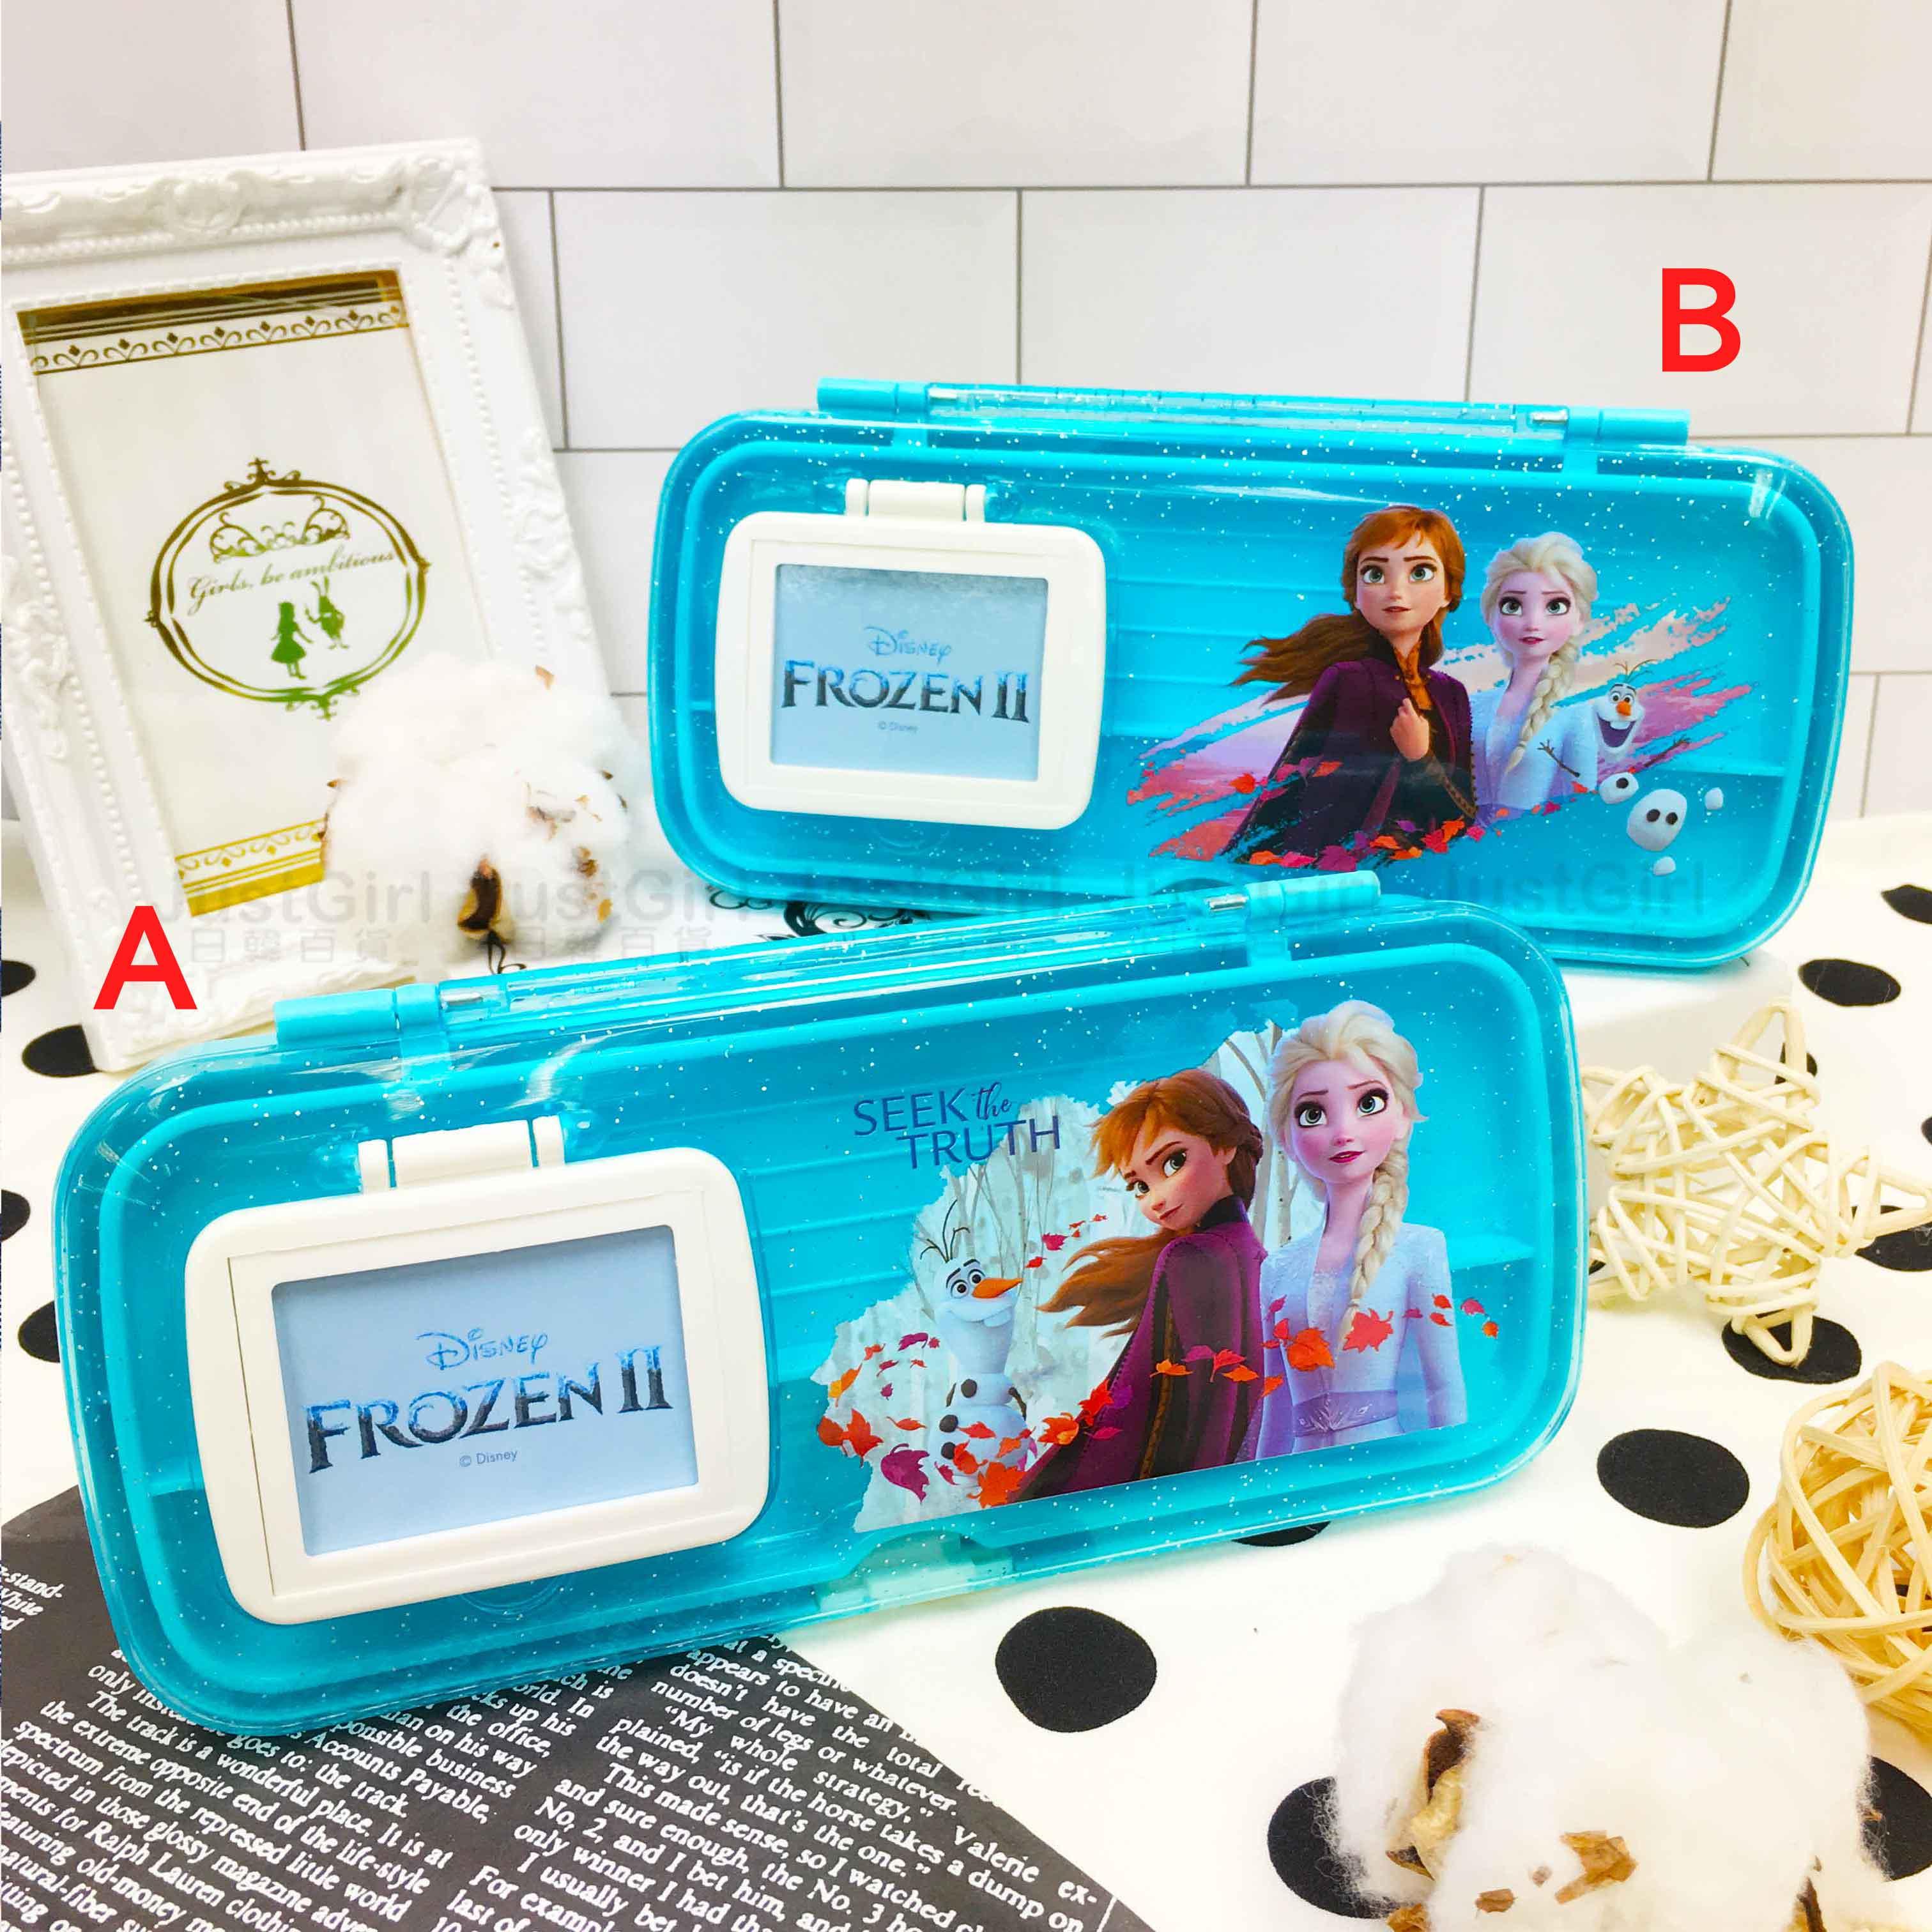 鏡梳組筆盒 迪士尼 冰雪奇緣2 Elsa 雪寶 Anna 2款 鉛筆盒 正版授權